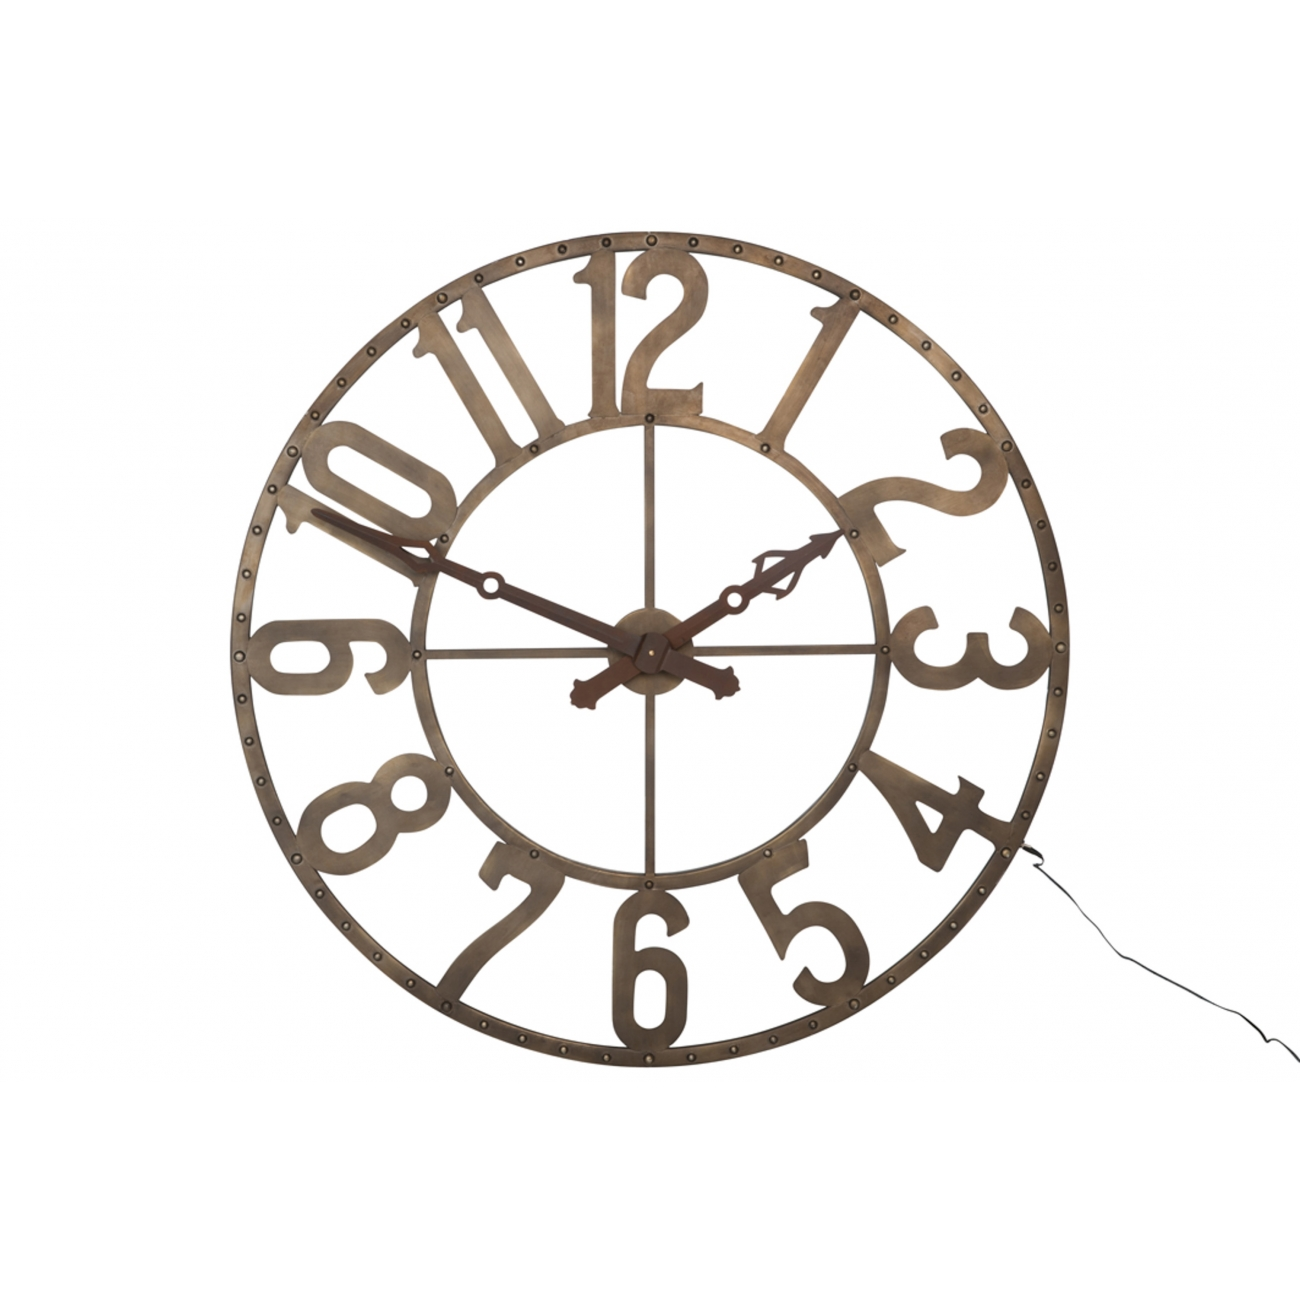 Настенные часы J-LINE круглые с лед-подсветкой в металлическом корпусе коричневого цвета с арабскими цифрами диаметр 106 см